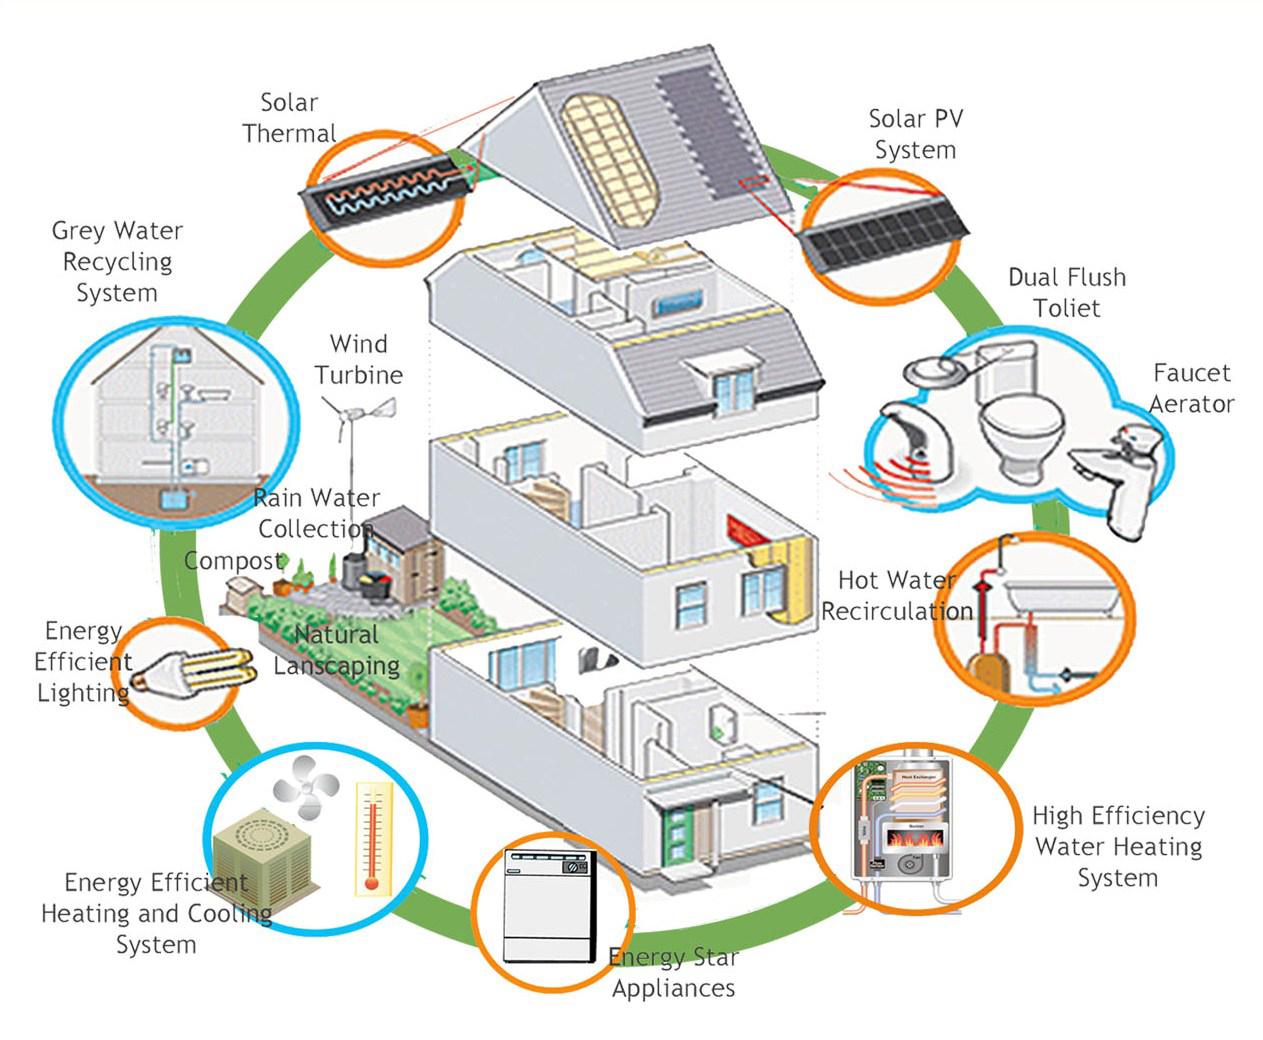 diseño reducir reciclar agua energía